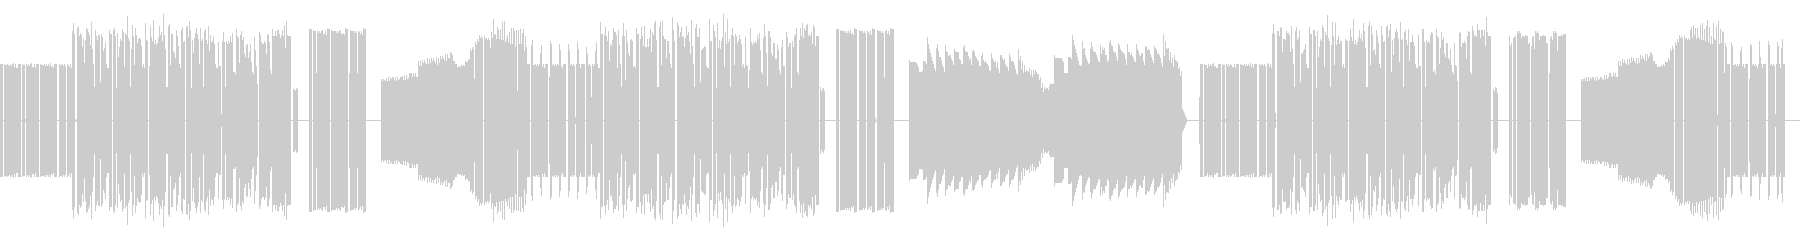 ファミコン音源による軽快な曲ですの未再生の波形